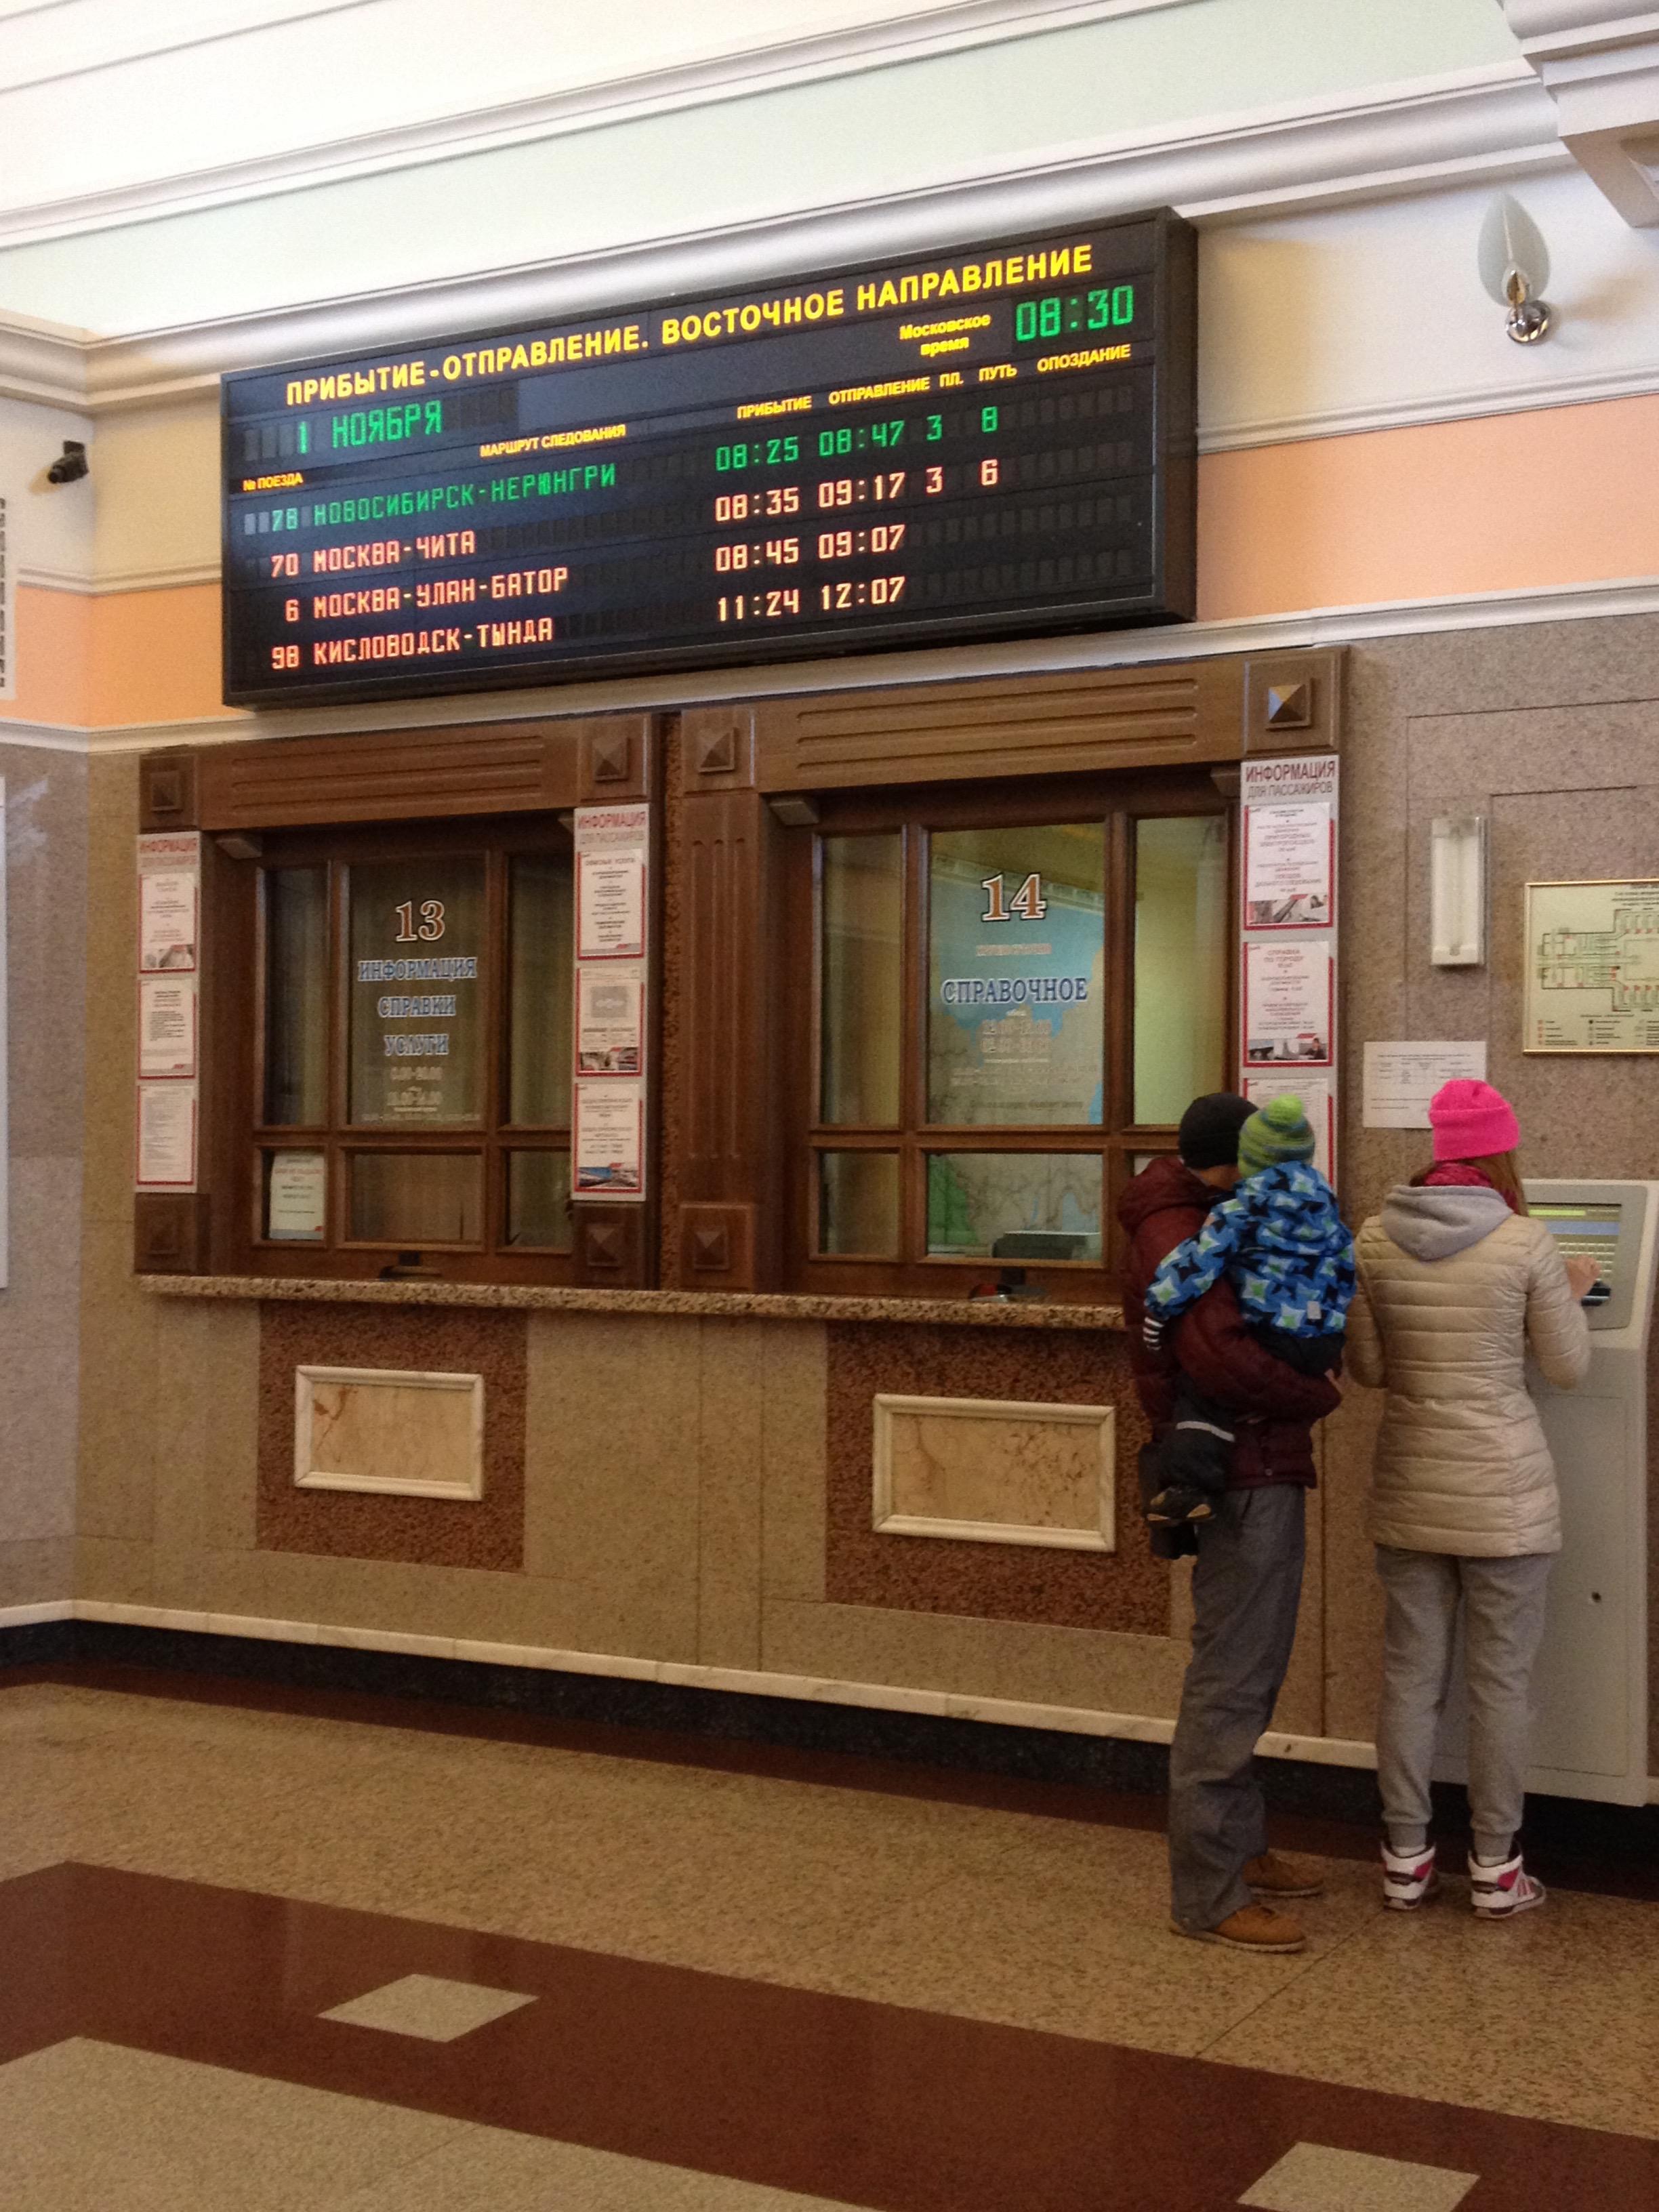 Deux trains sont notamment annoncés, en provenance de Moscou. L'un va jusqu'à Tchita, l'autre jusqu'à Oulan-Bator, capitale de la Mongolie.